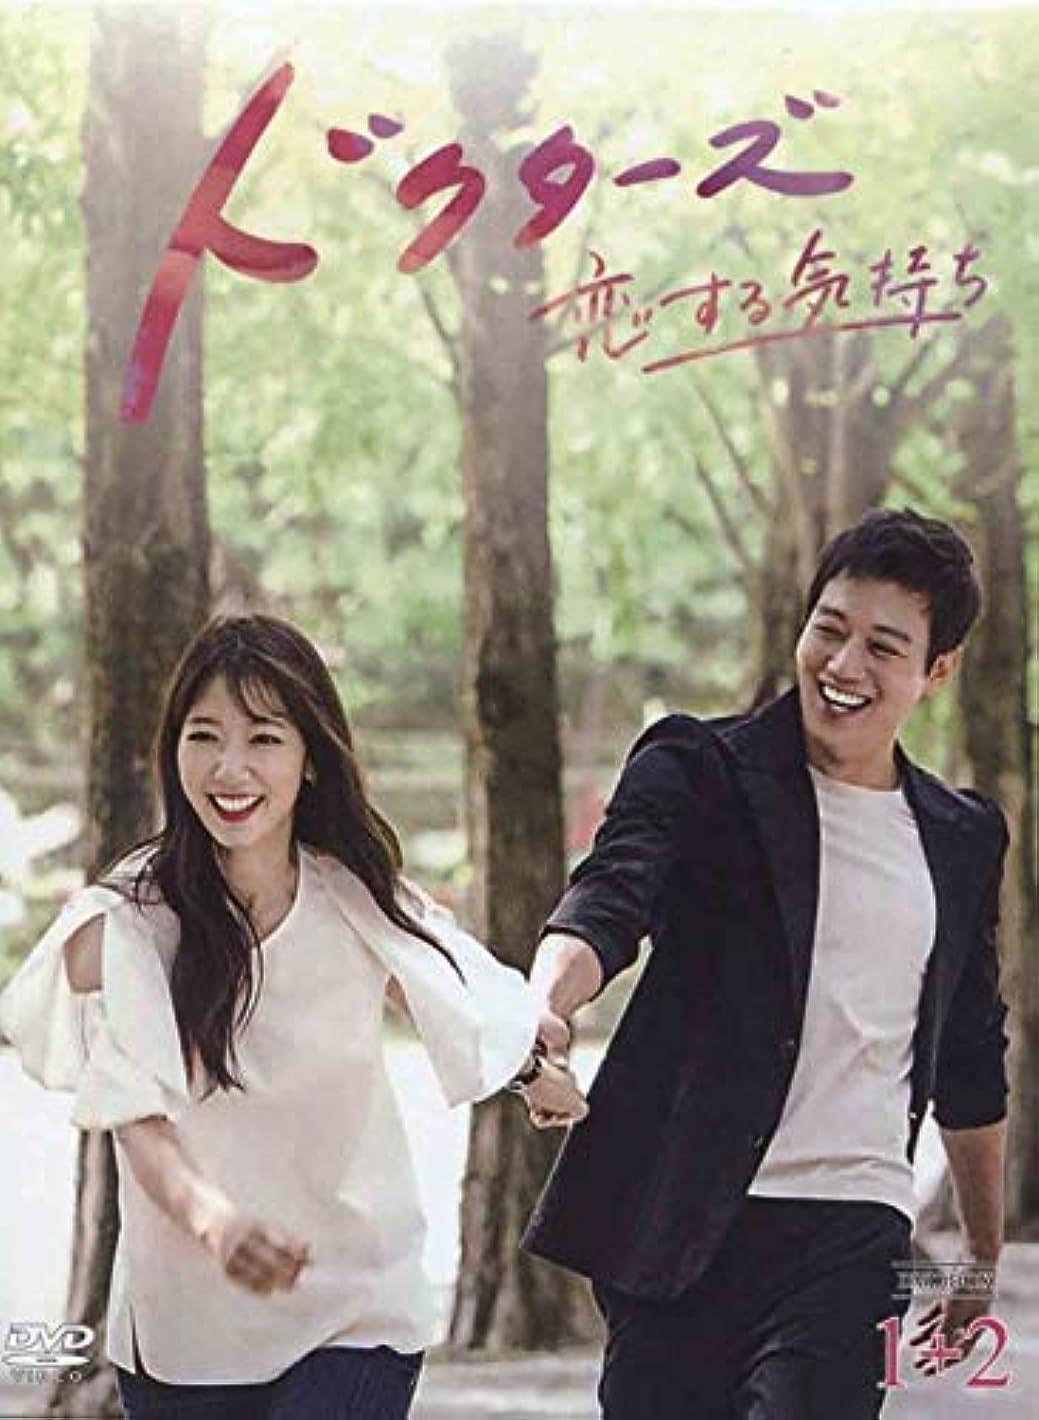 終点住所乱れドクターズ~恋する気持ち DVD-BOX1+2 11枚組 言語: 韓国語, 日本語/字幕: 日本語